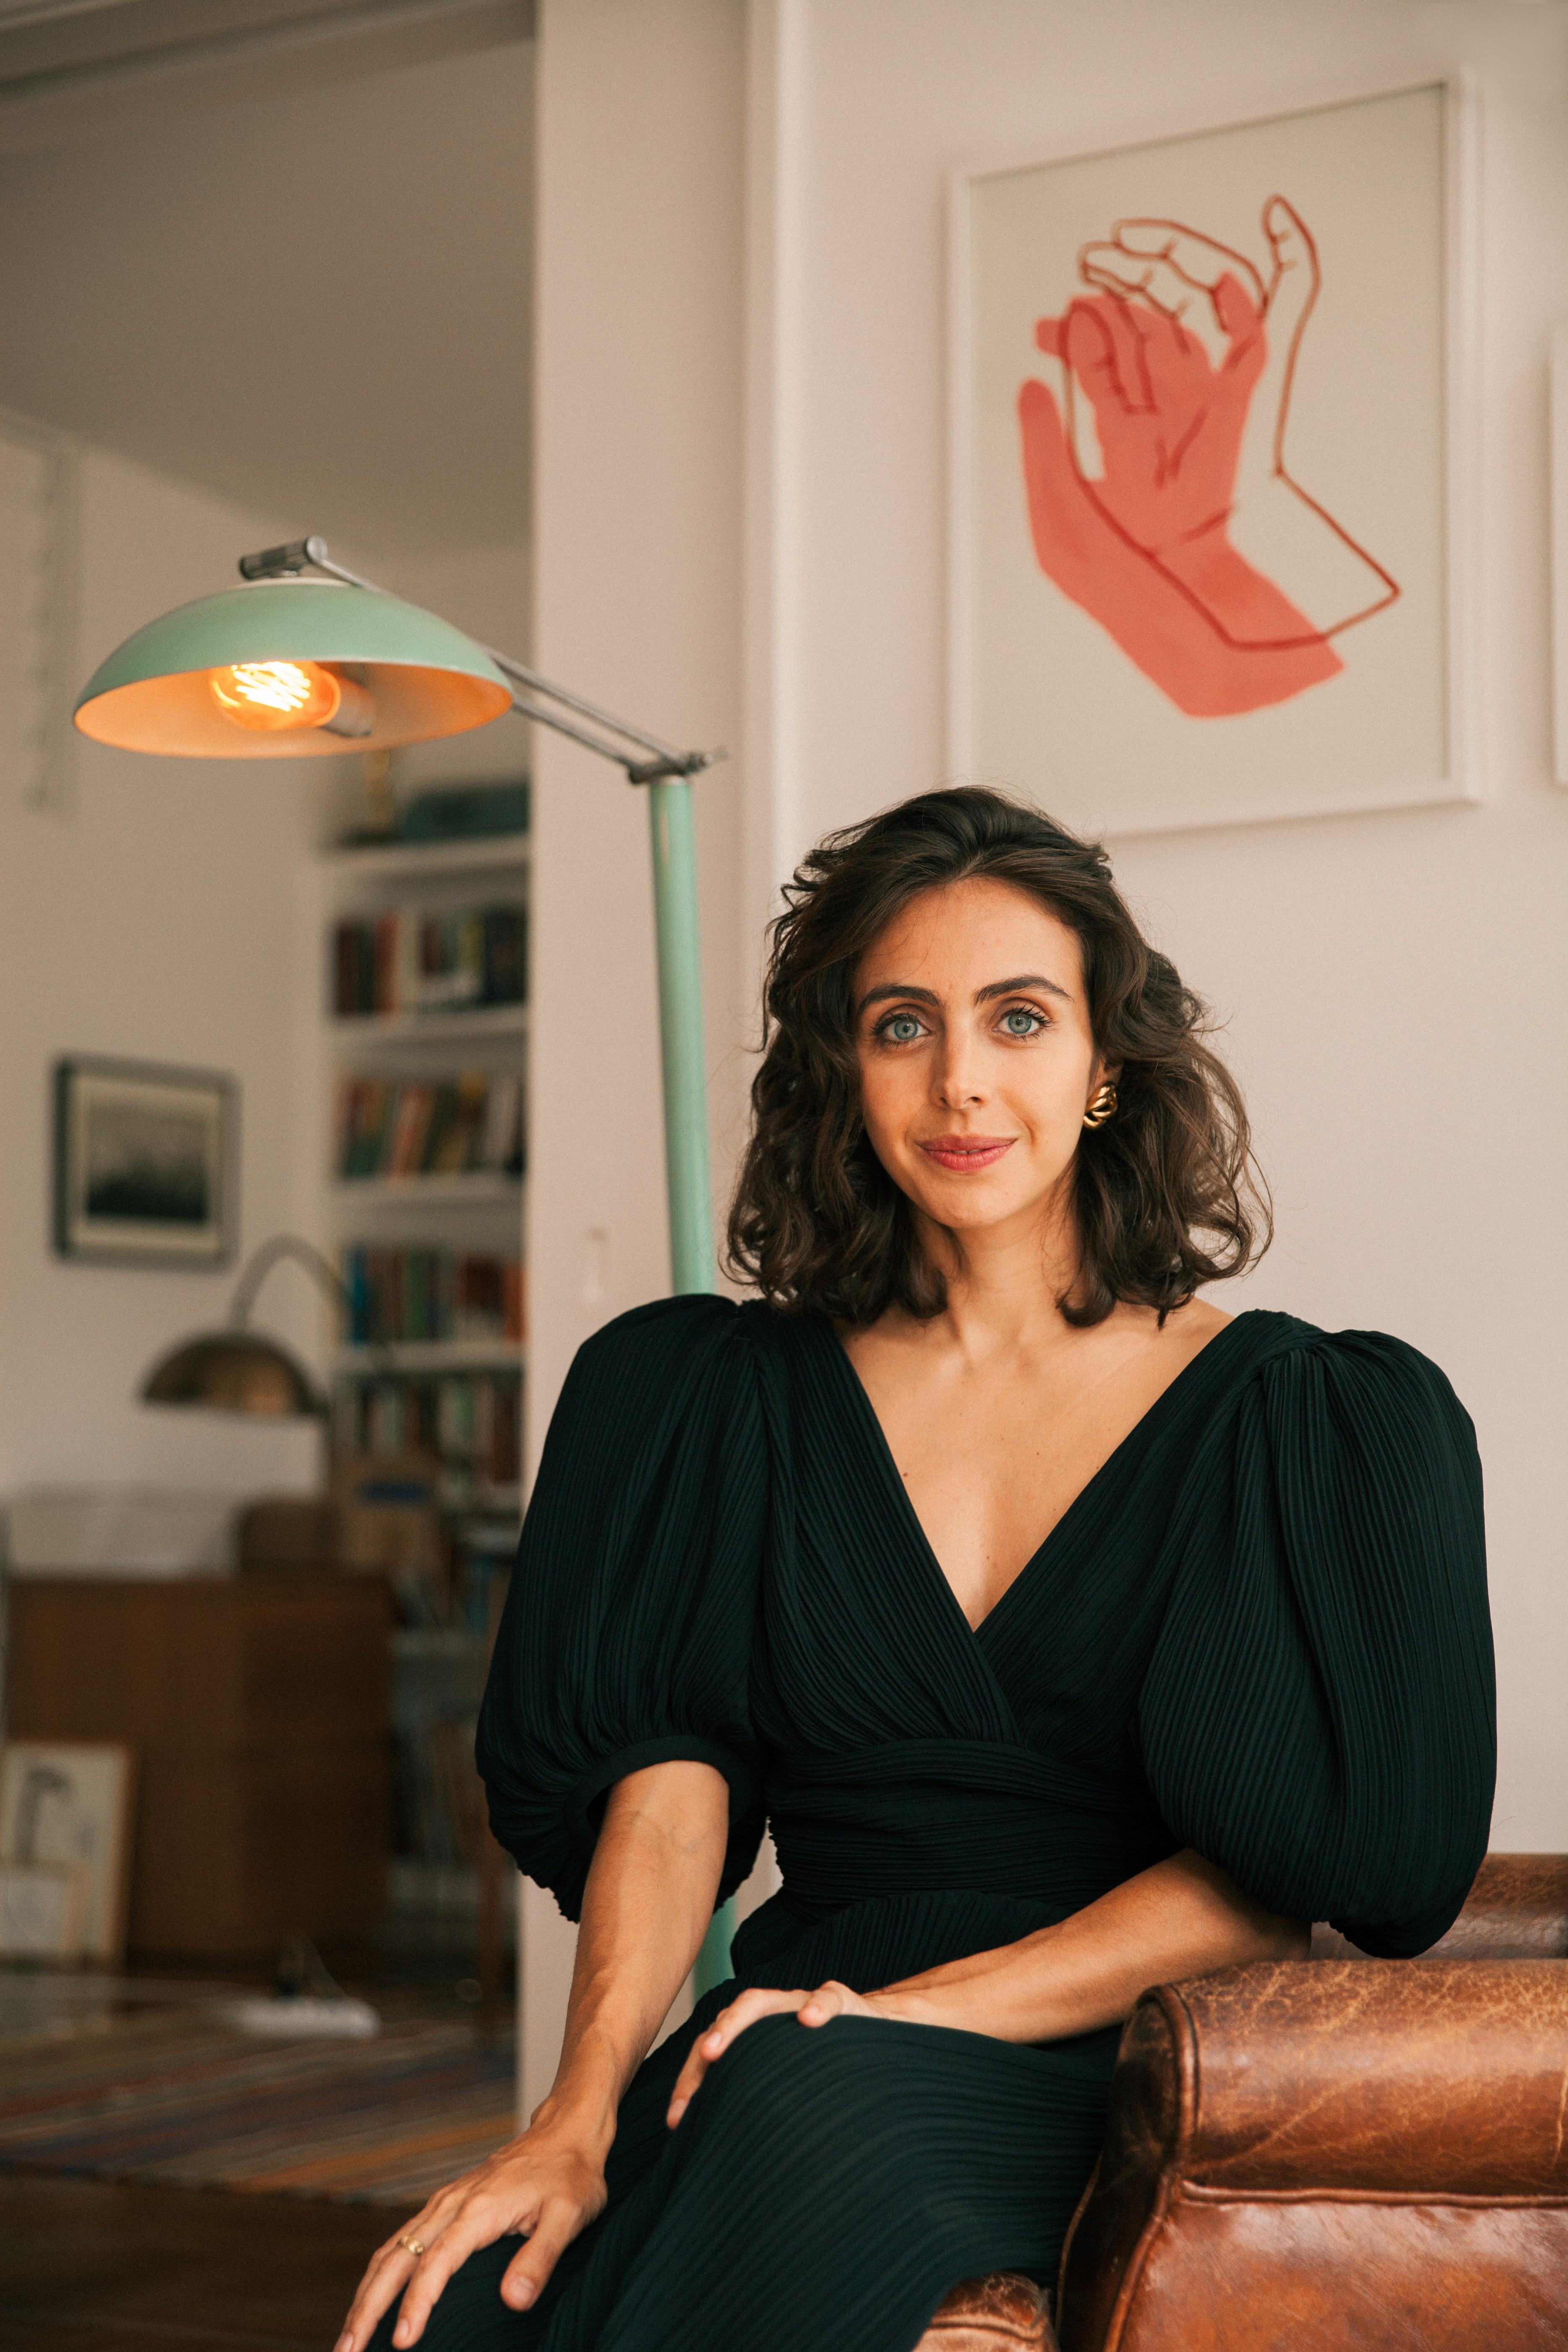 """Ativista ambiental e apresentadora do canal GNT, Giovanna Nader publica o  livro  """"Com que roupa? guia prático para uma moda mais sustentável"""" pela editora Paralela,"""